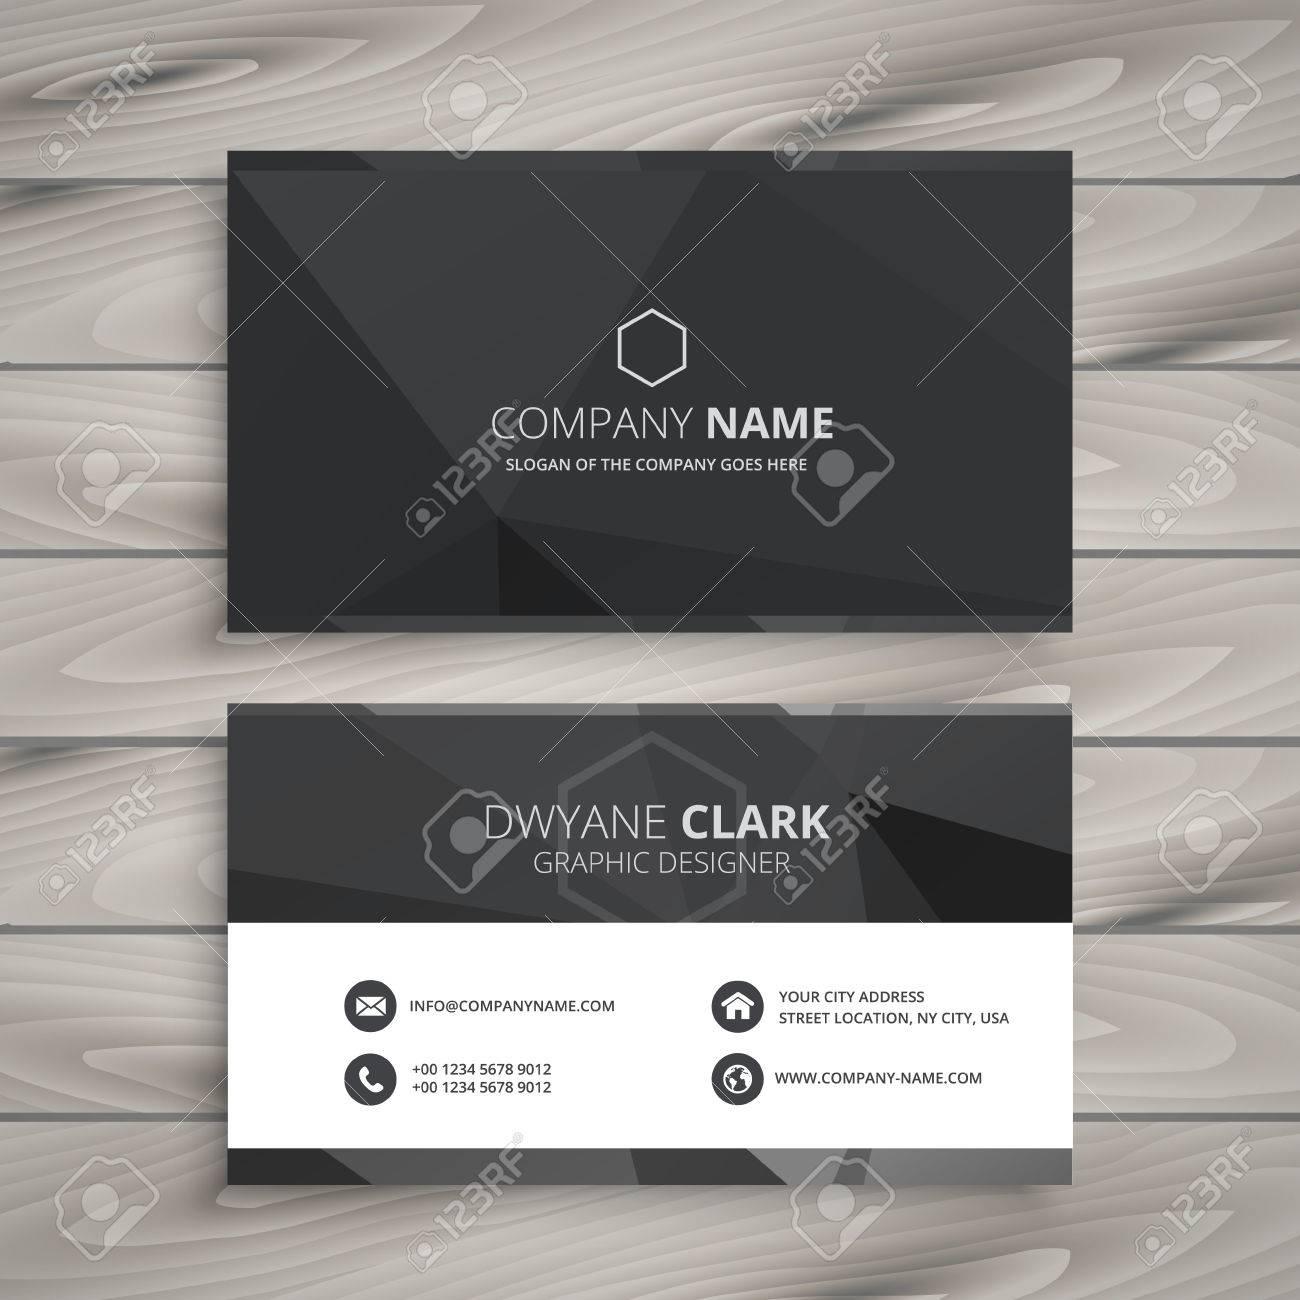 black business card design - 63826996